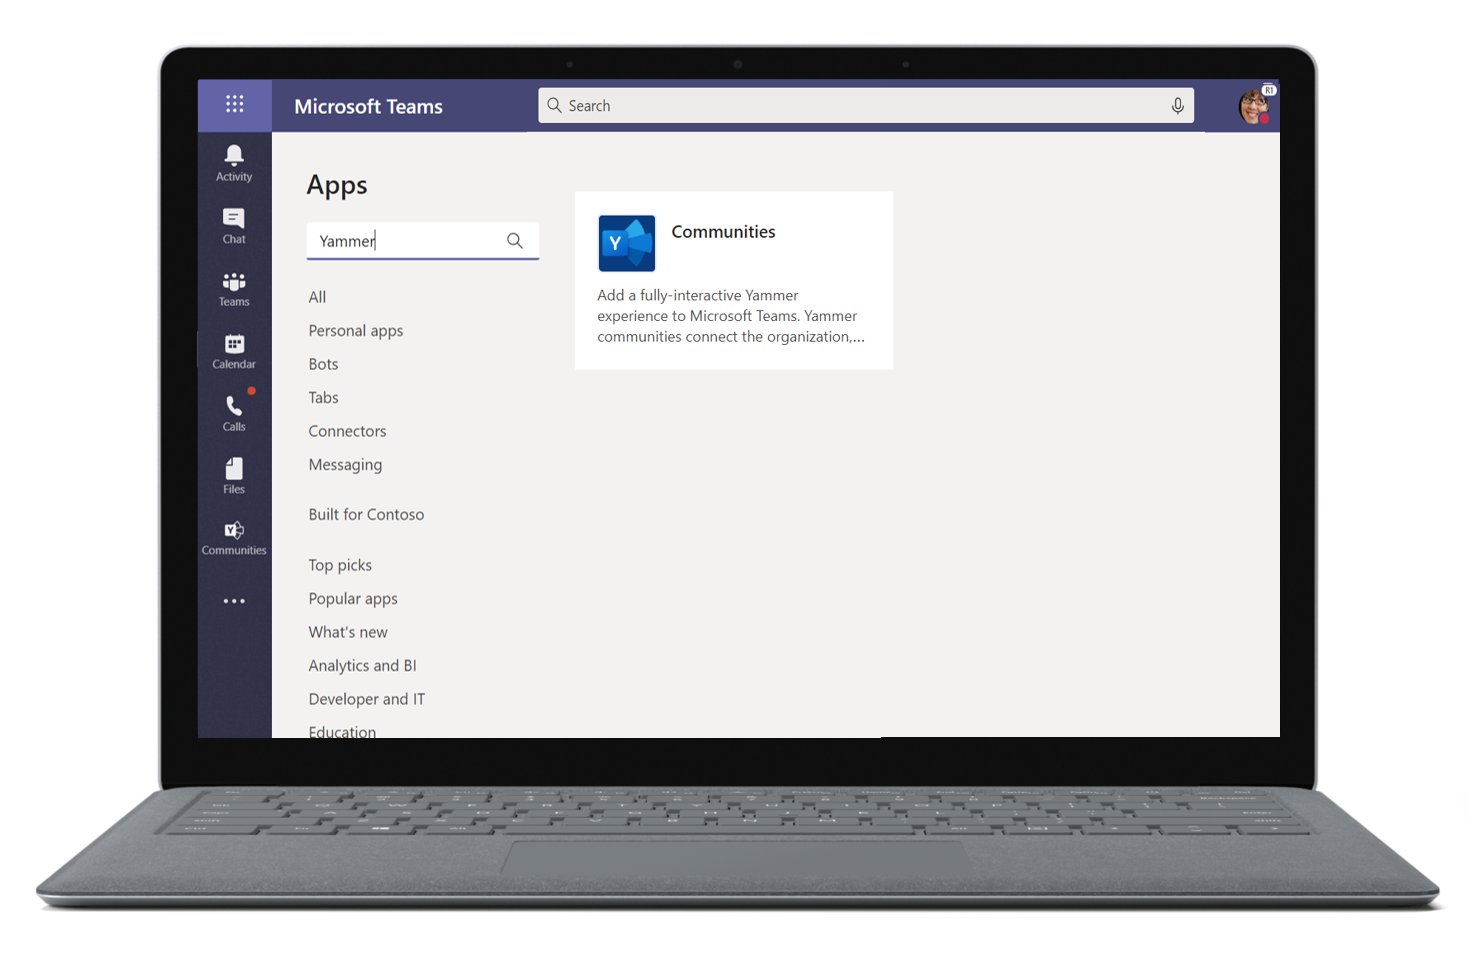 Afbeelding van de Yammer-app waarnaar wordt gezocht in Microsoft Teams.